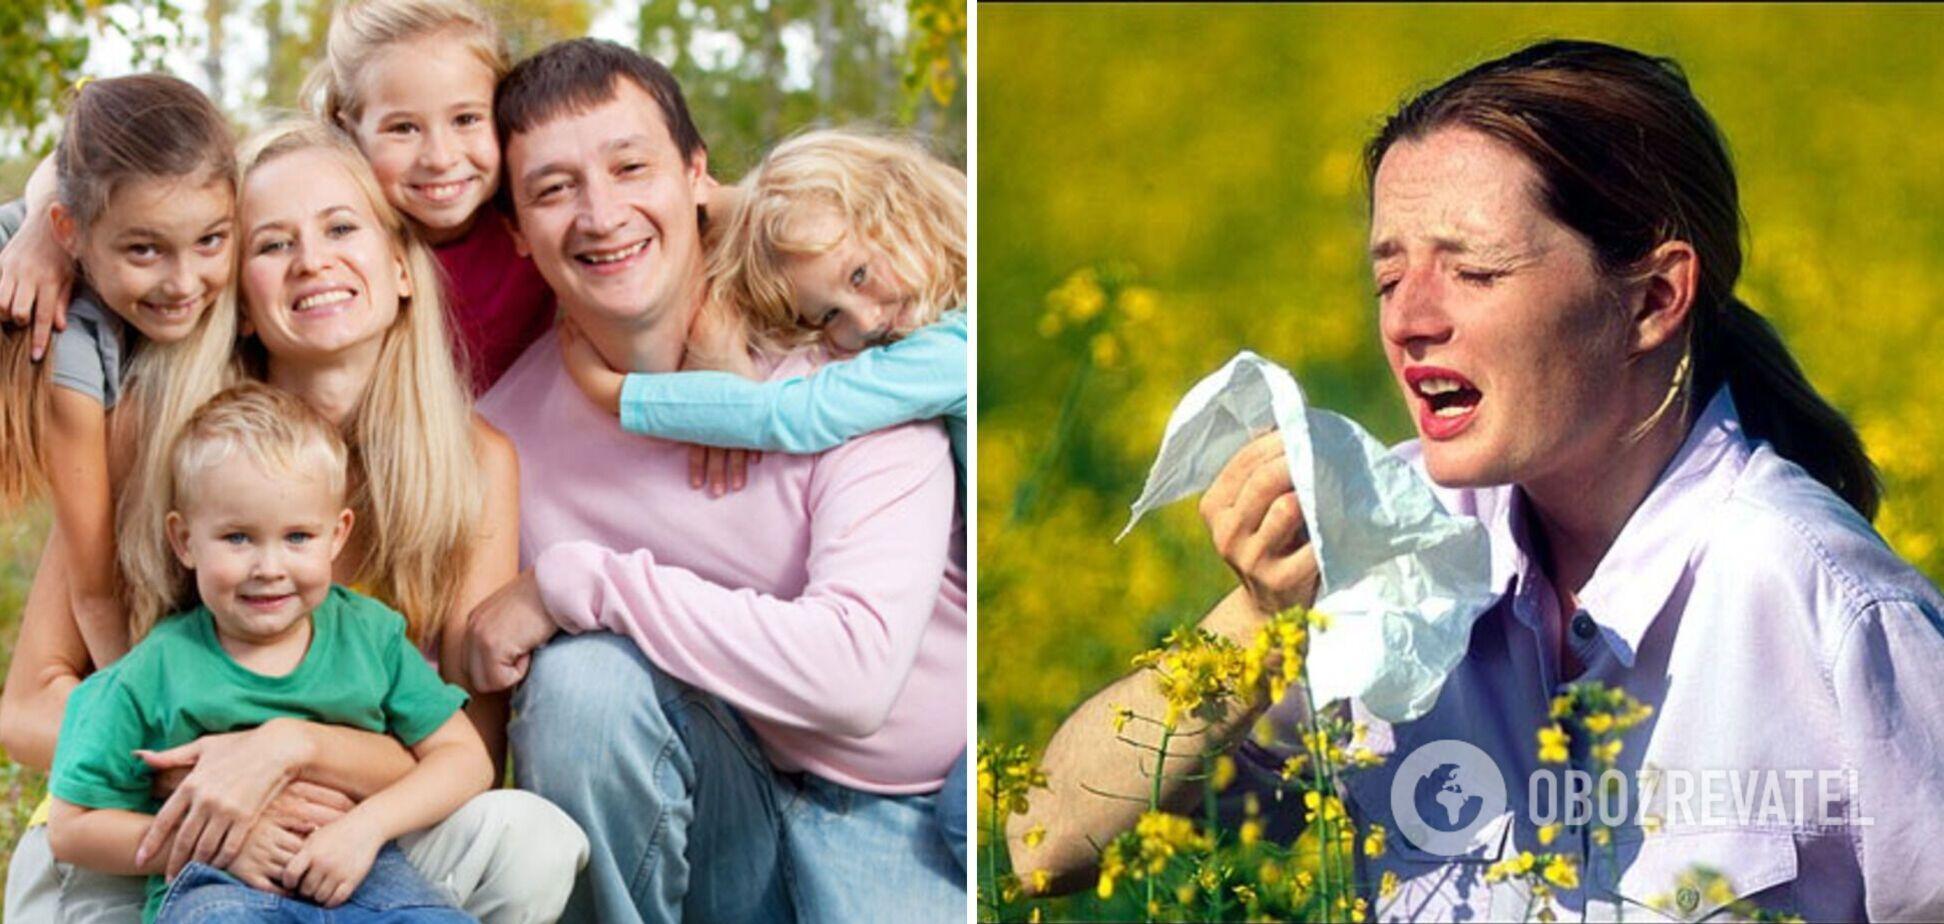 8 липня відзначають День сім'ї в Україні